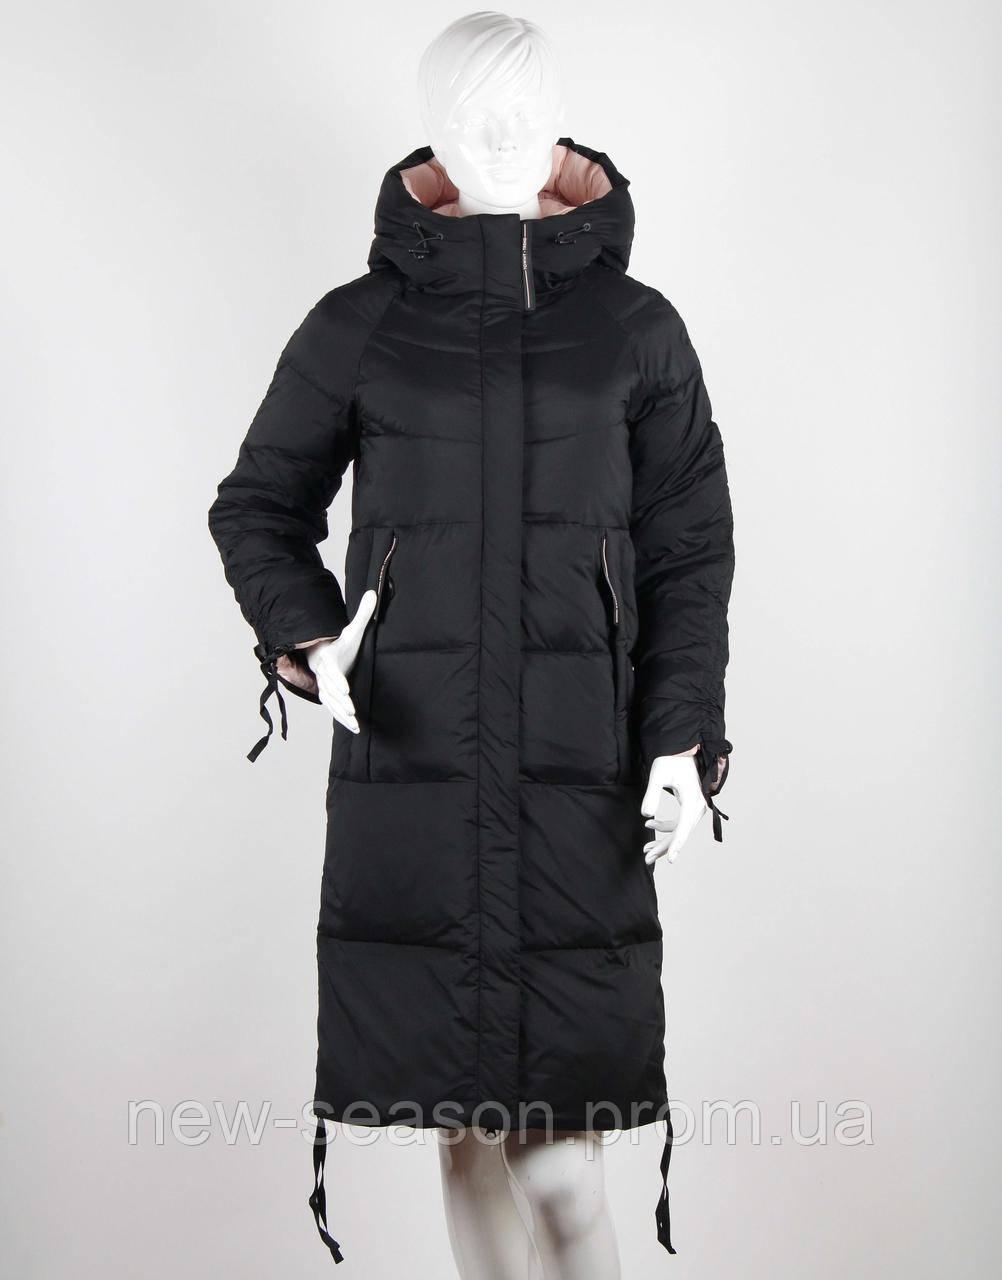 Пуховик зимний TOWMY 2335 черный